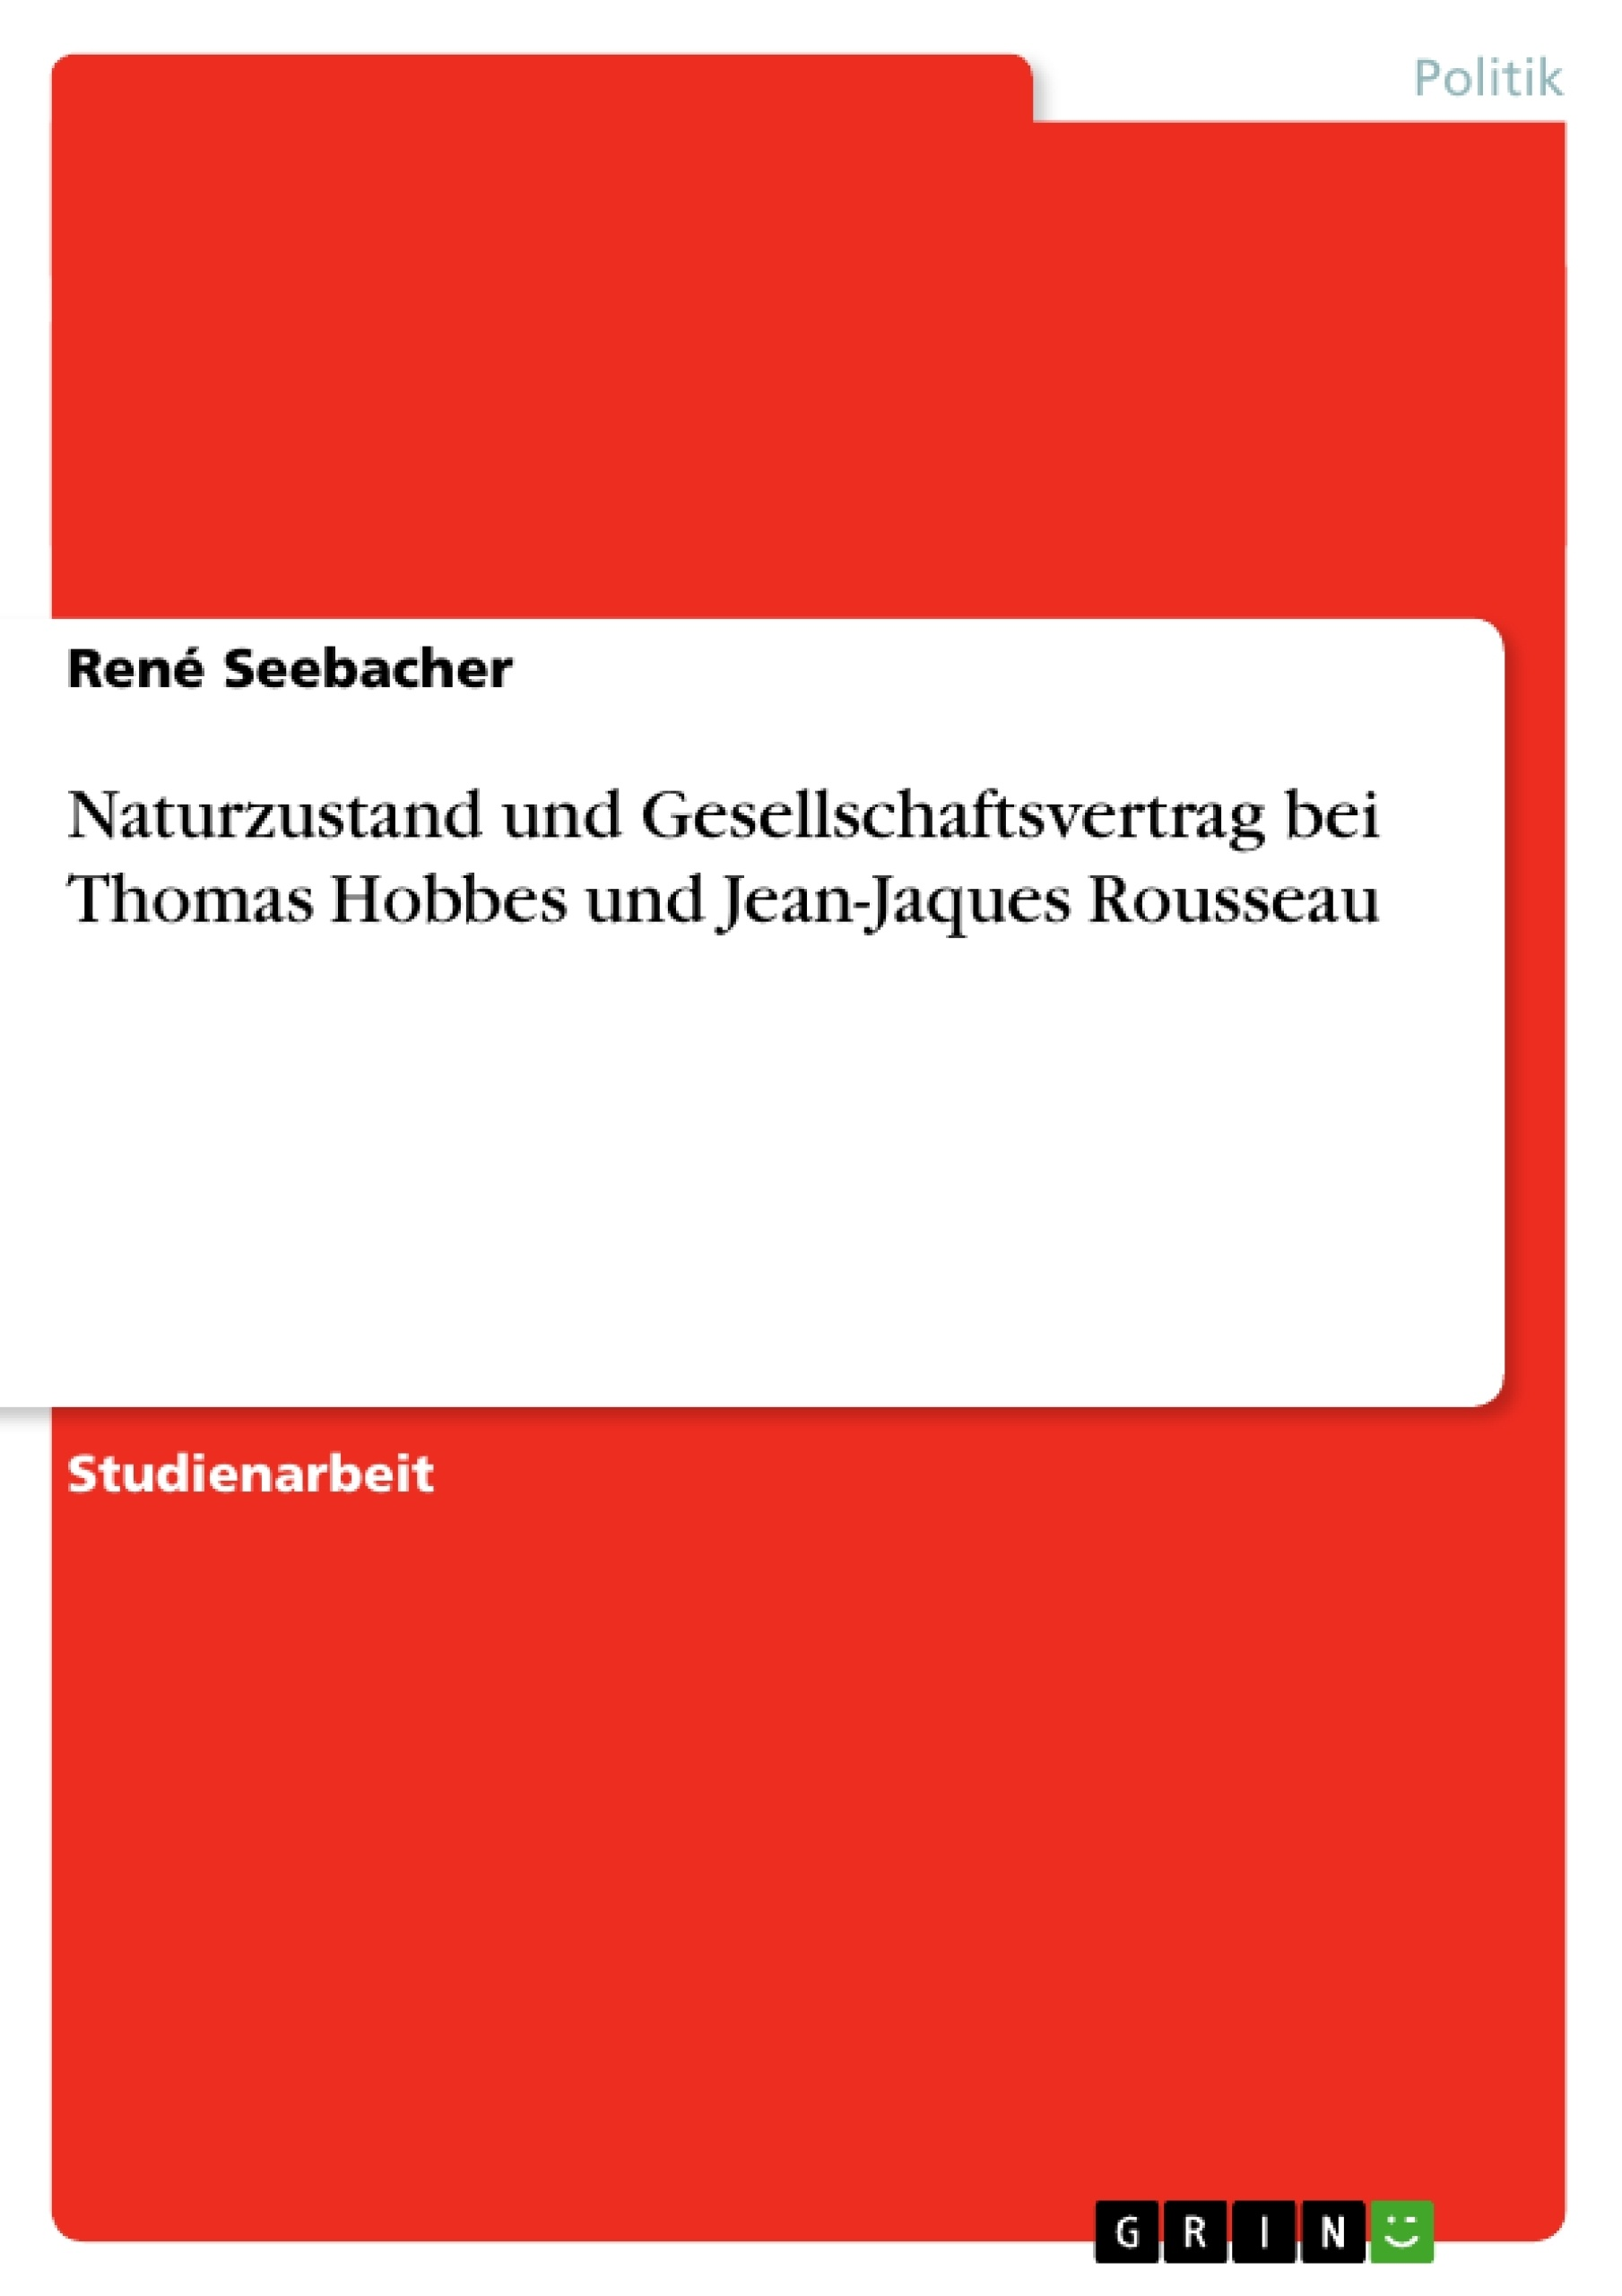 Titel: Naturzustand und Gesellschaftsvertrag bei Thomas Hobbes und Jean-Jaques Rousseau